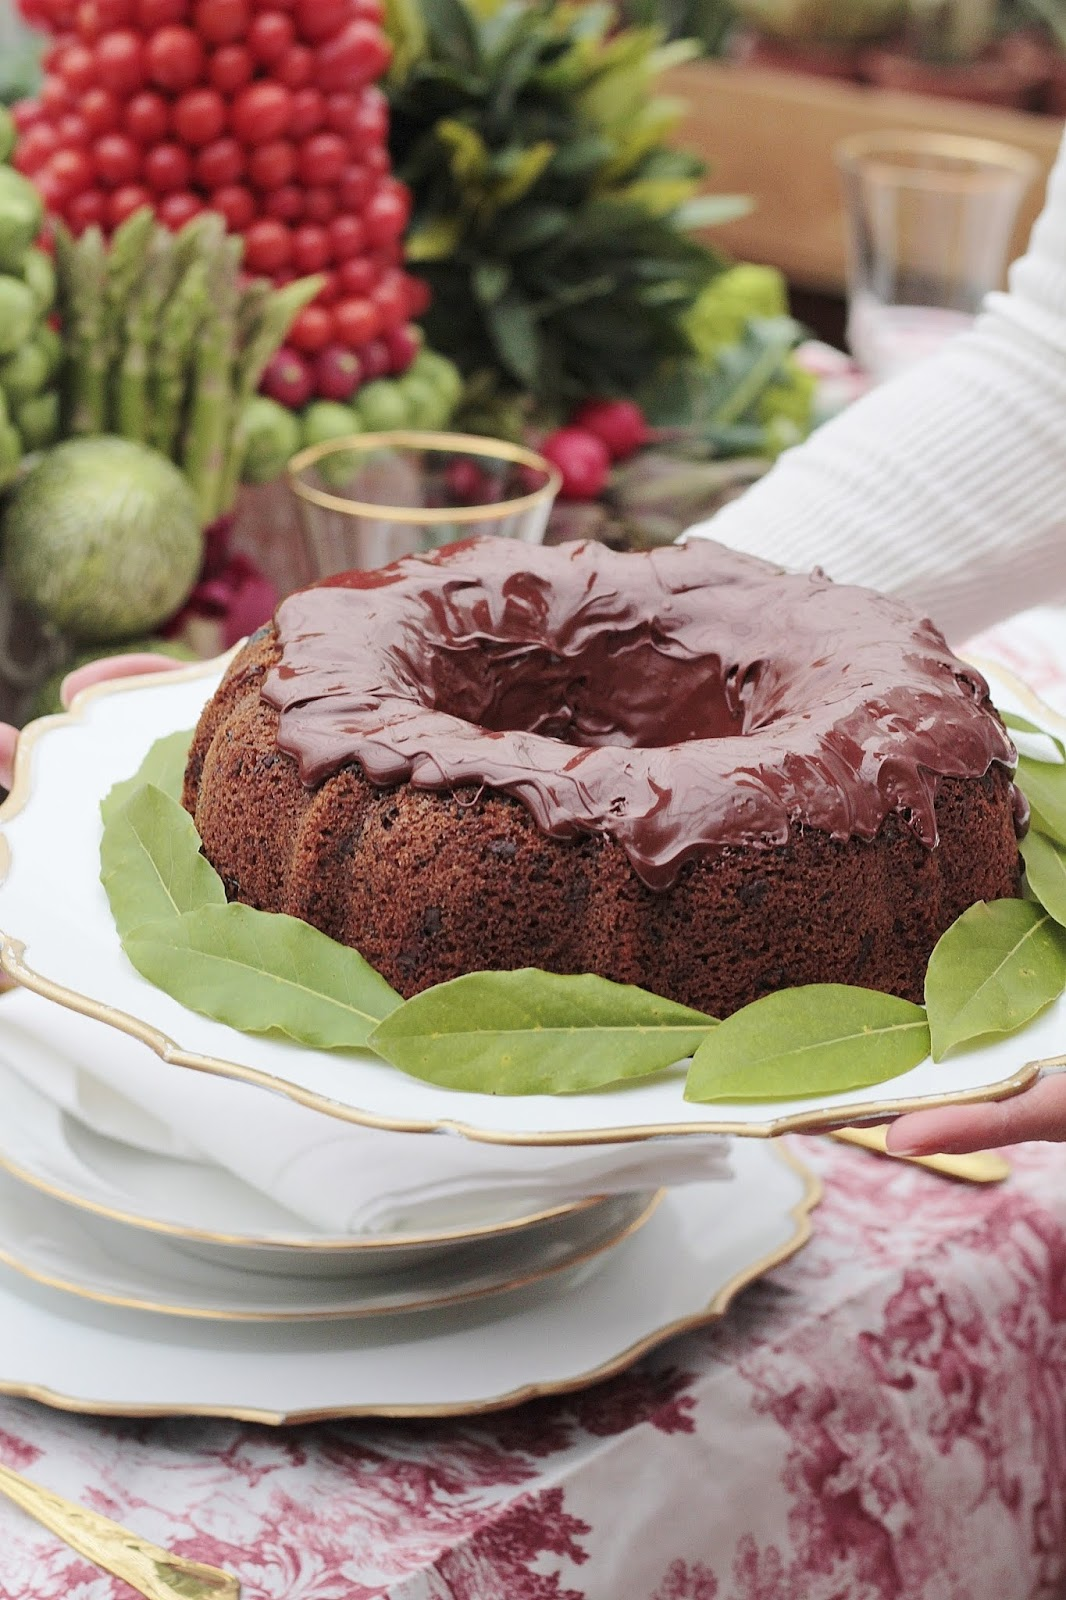 torta con bacche di goji e glassa al cioccolato